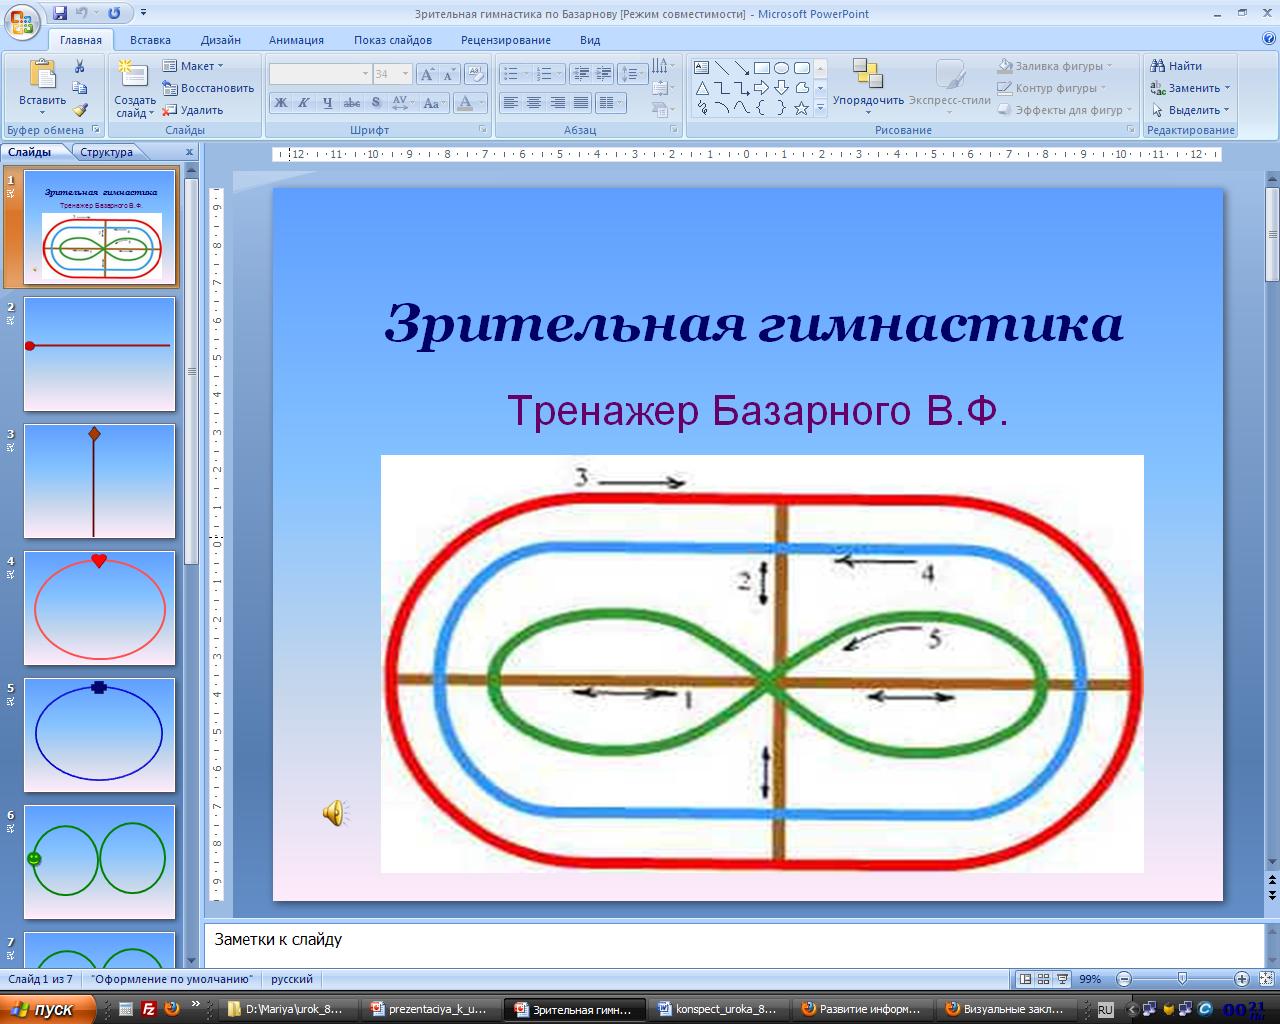 движущаяся картинка компьютера для презентации